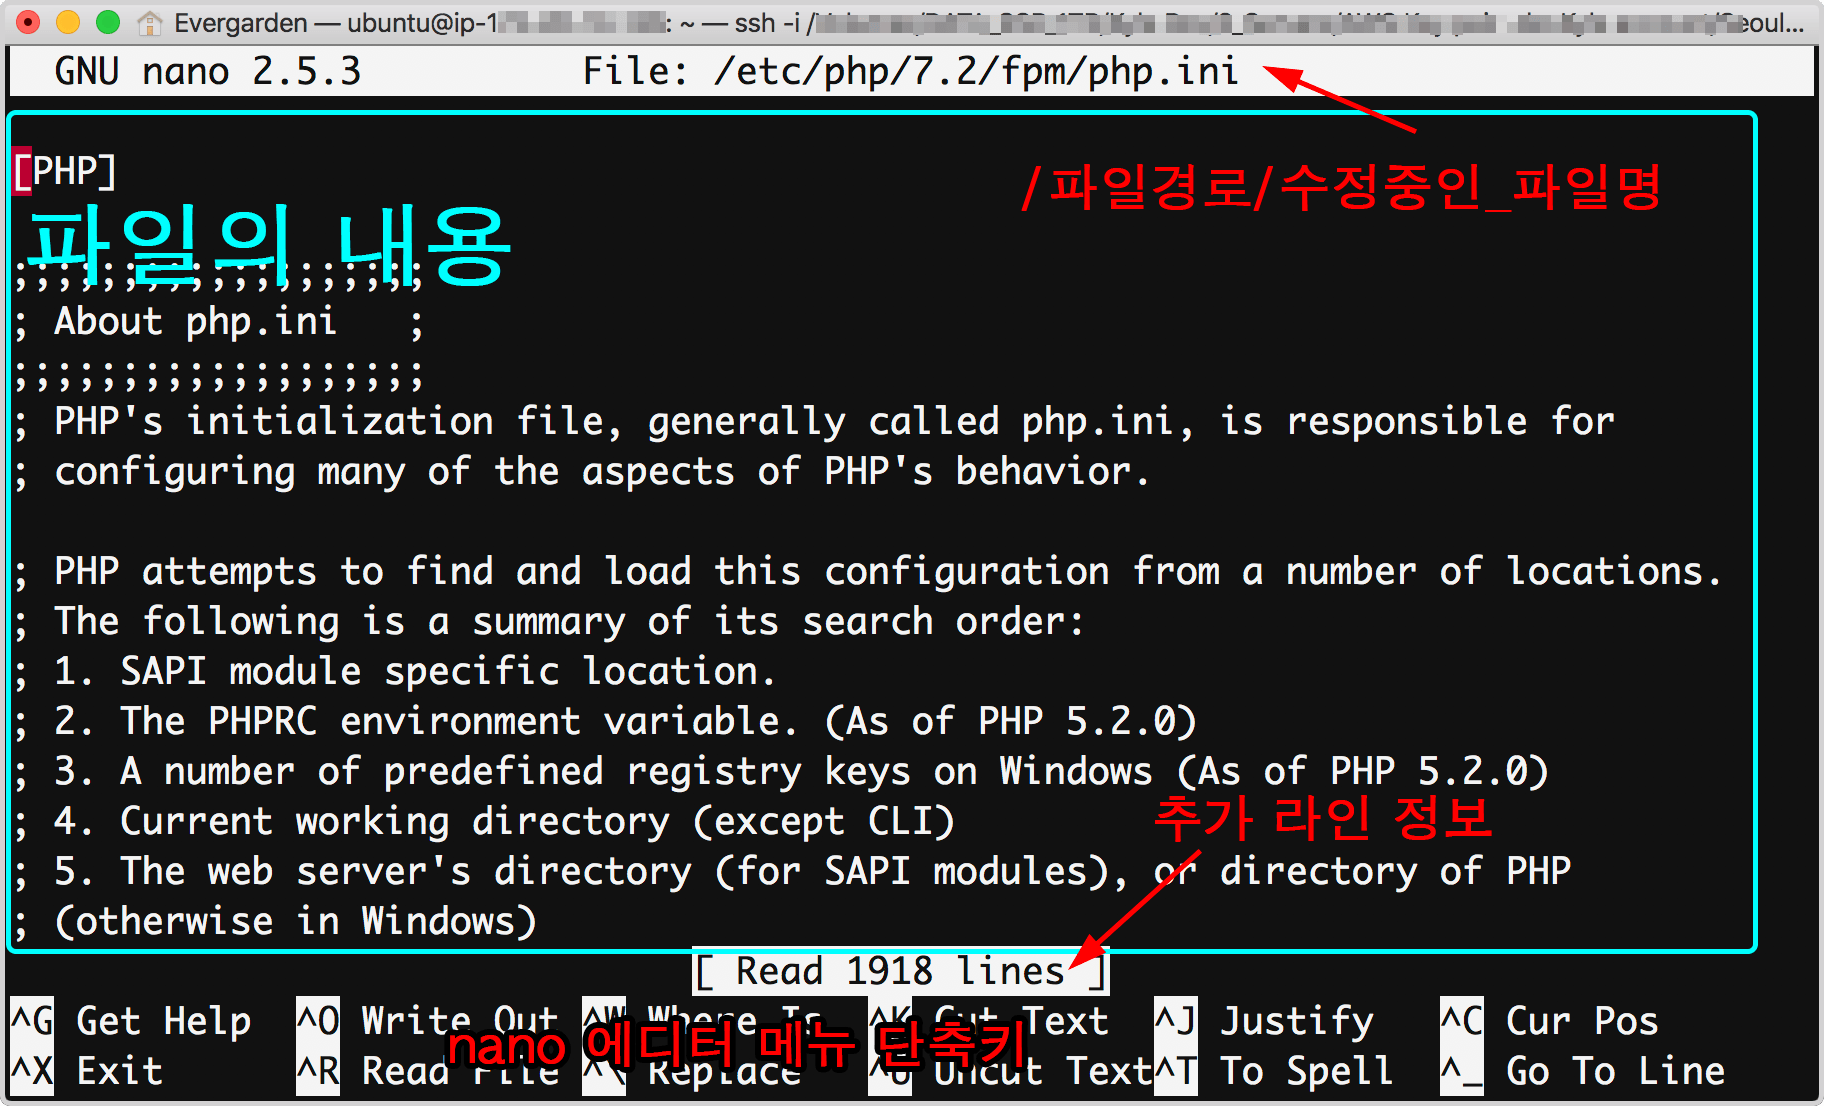 php.ini 파일을 나노 편집기에서 열었다